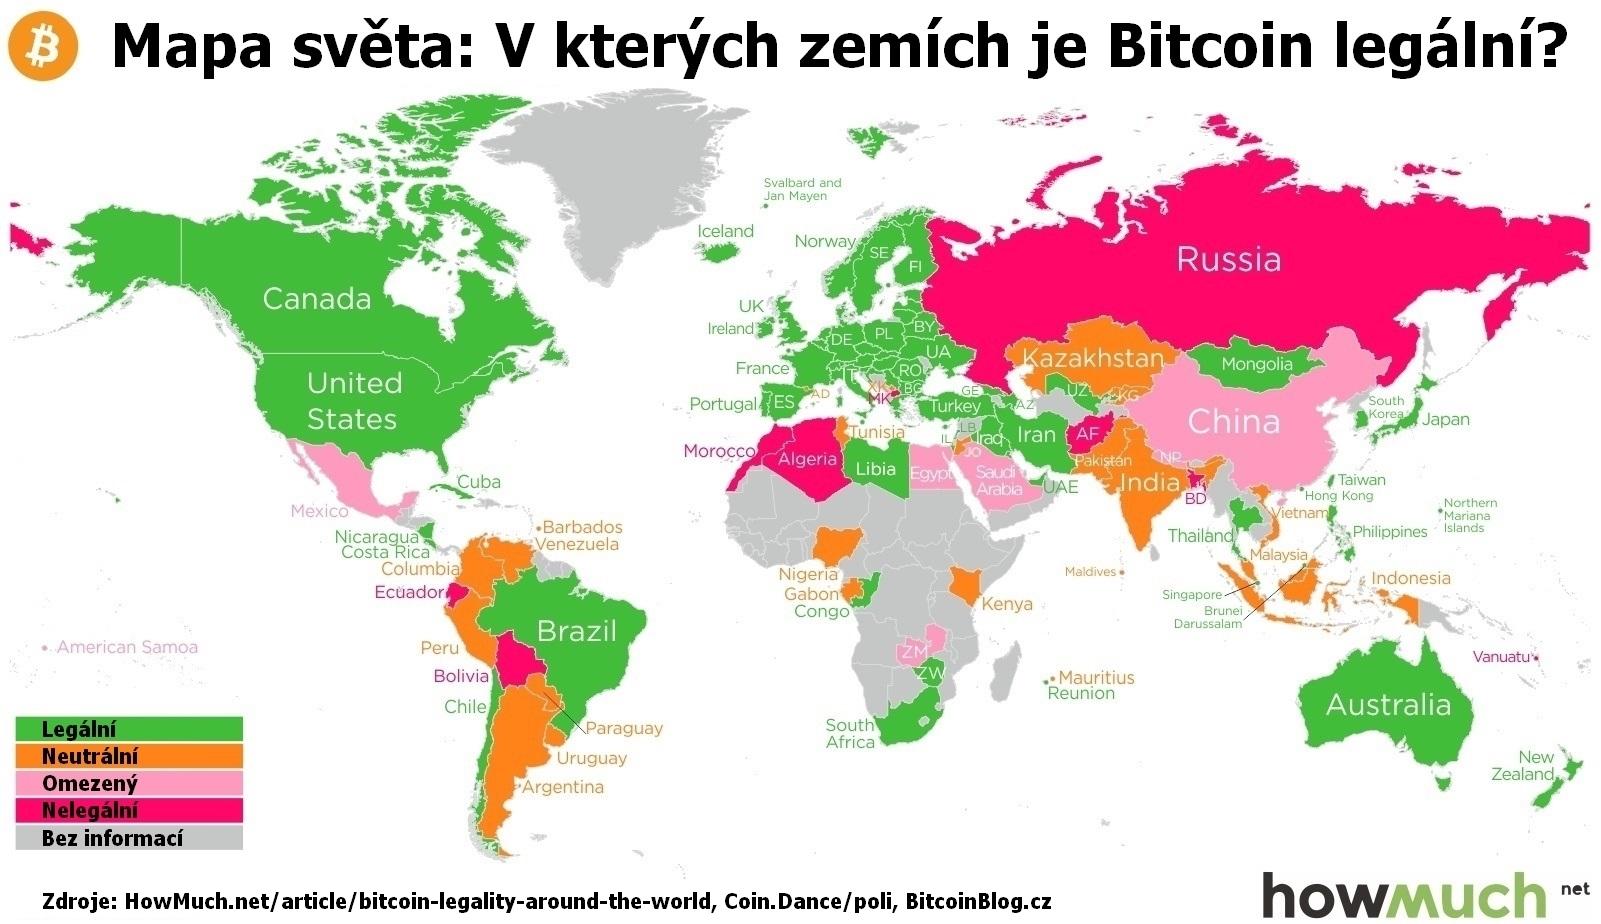 Infografická mapa světa: V kterých zemích je Bitcoin legální?